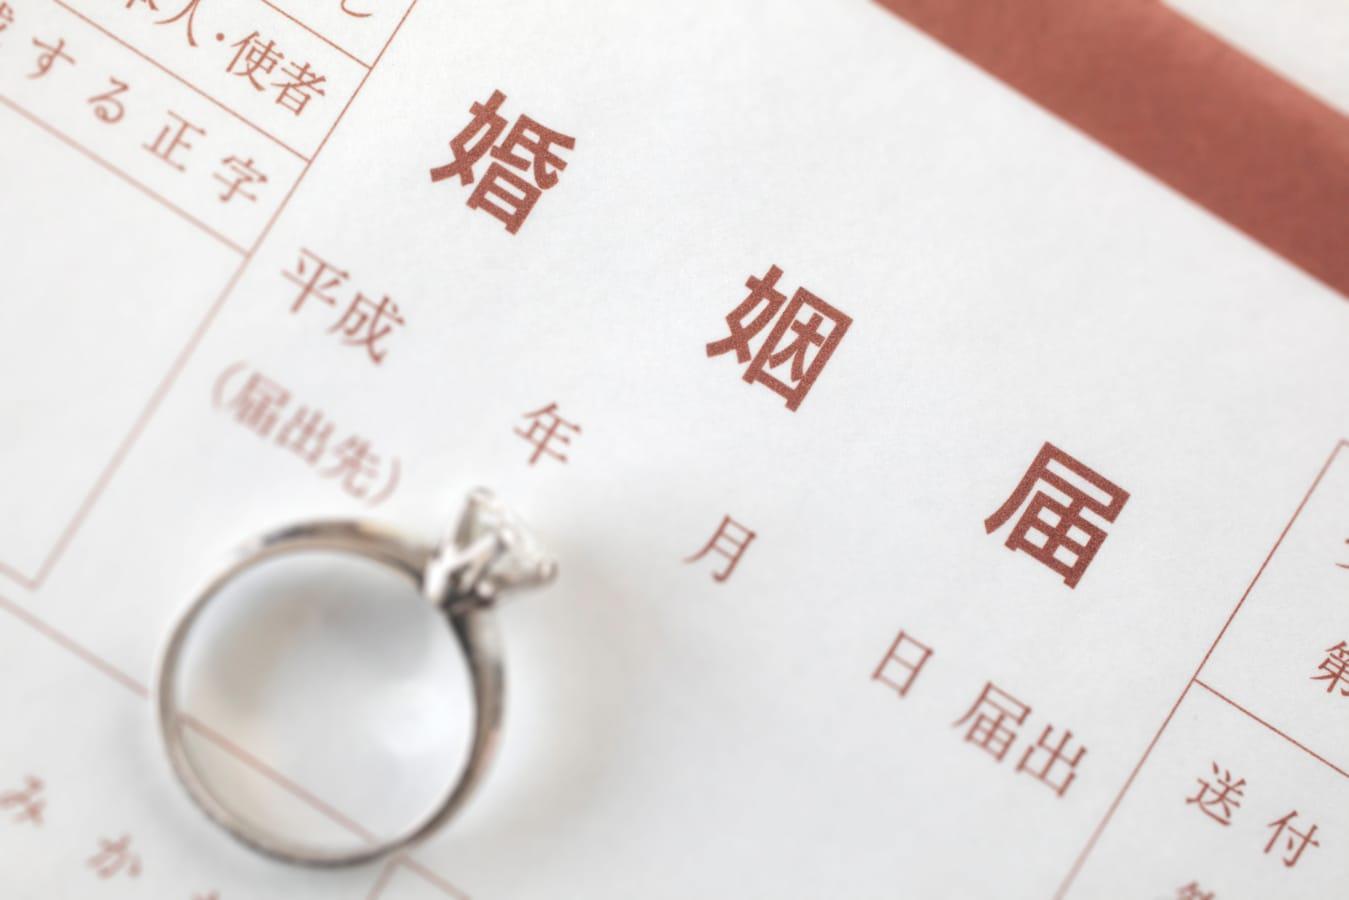 婚姻 届 必要 書類